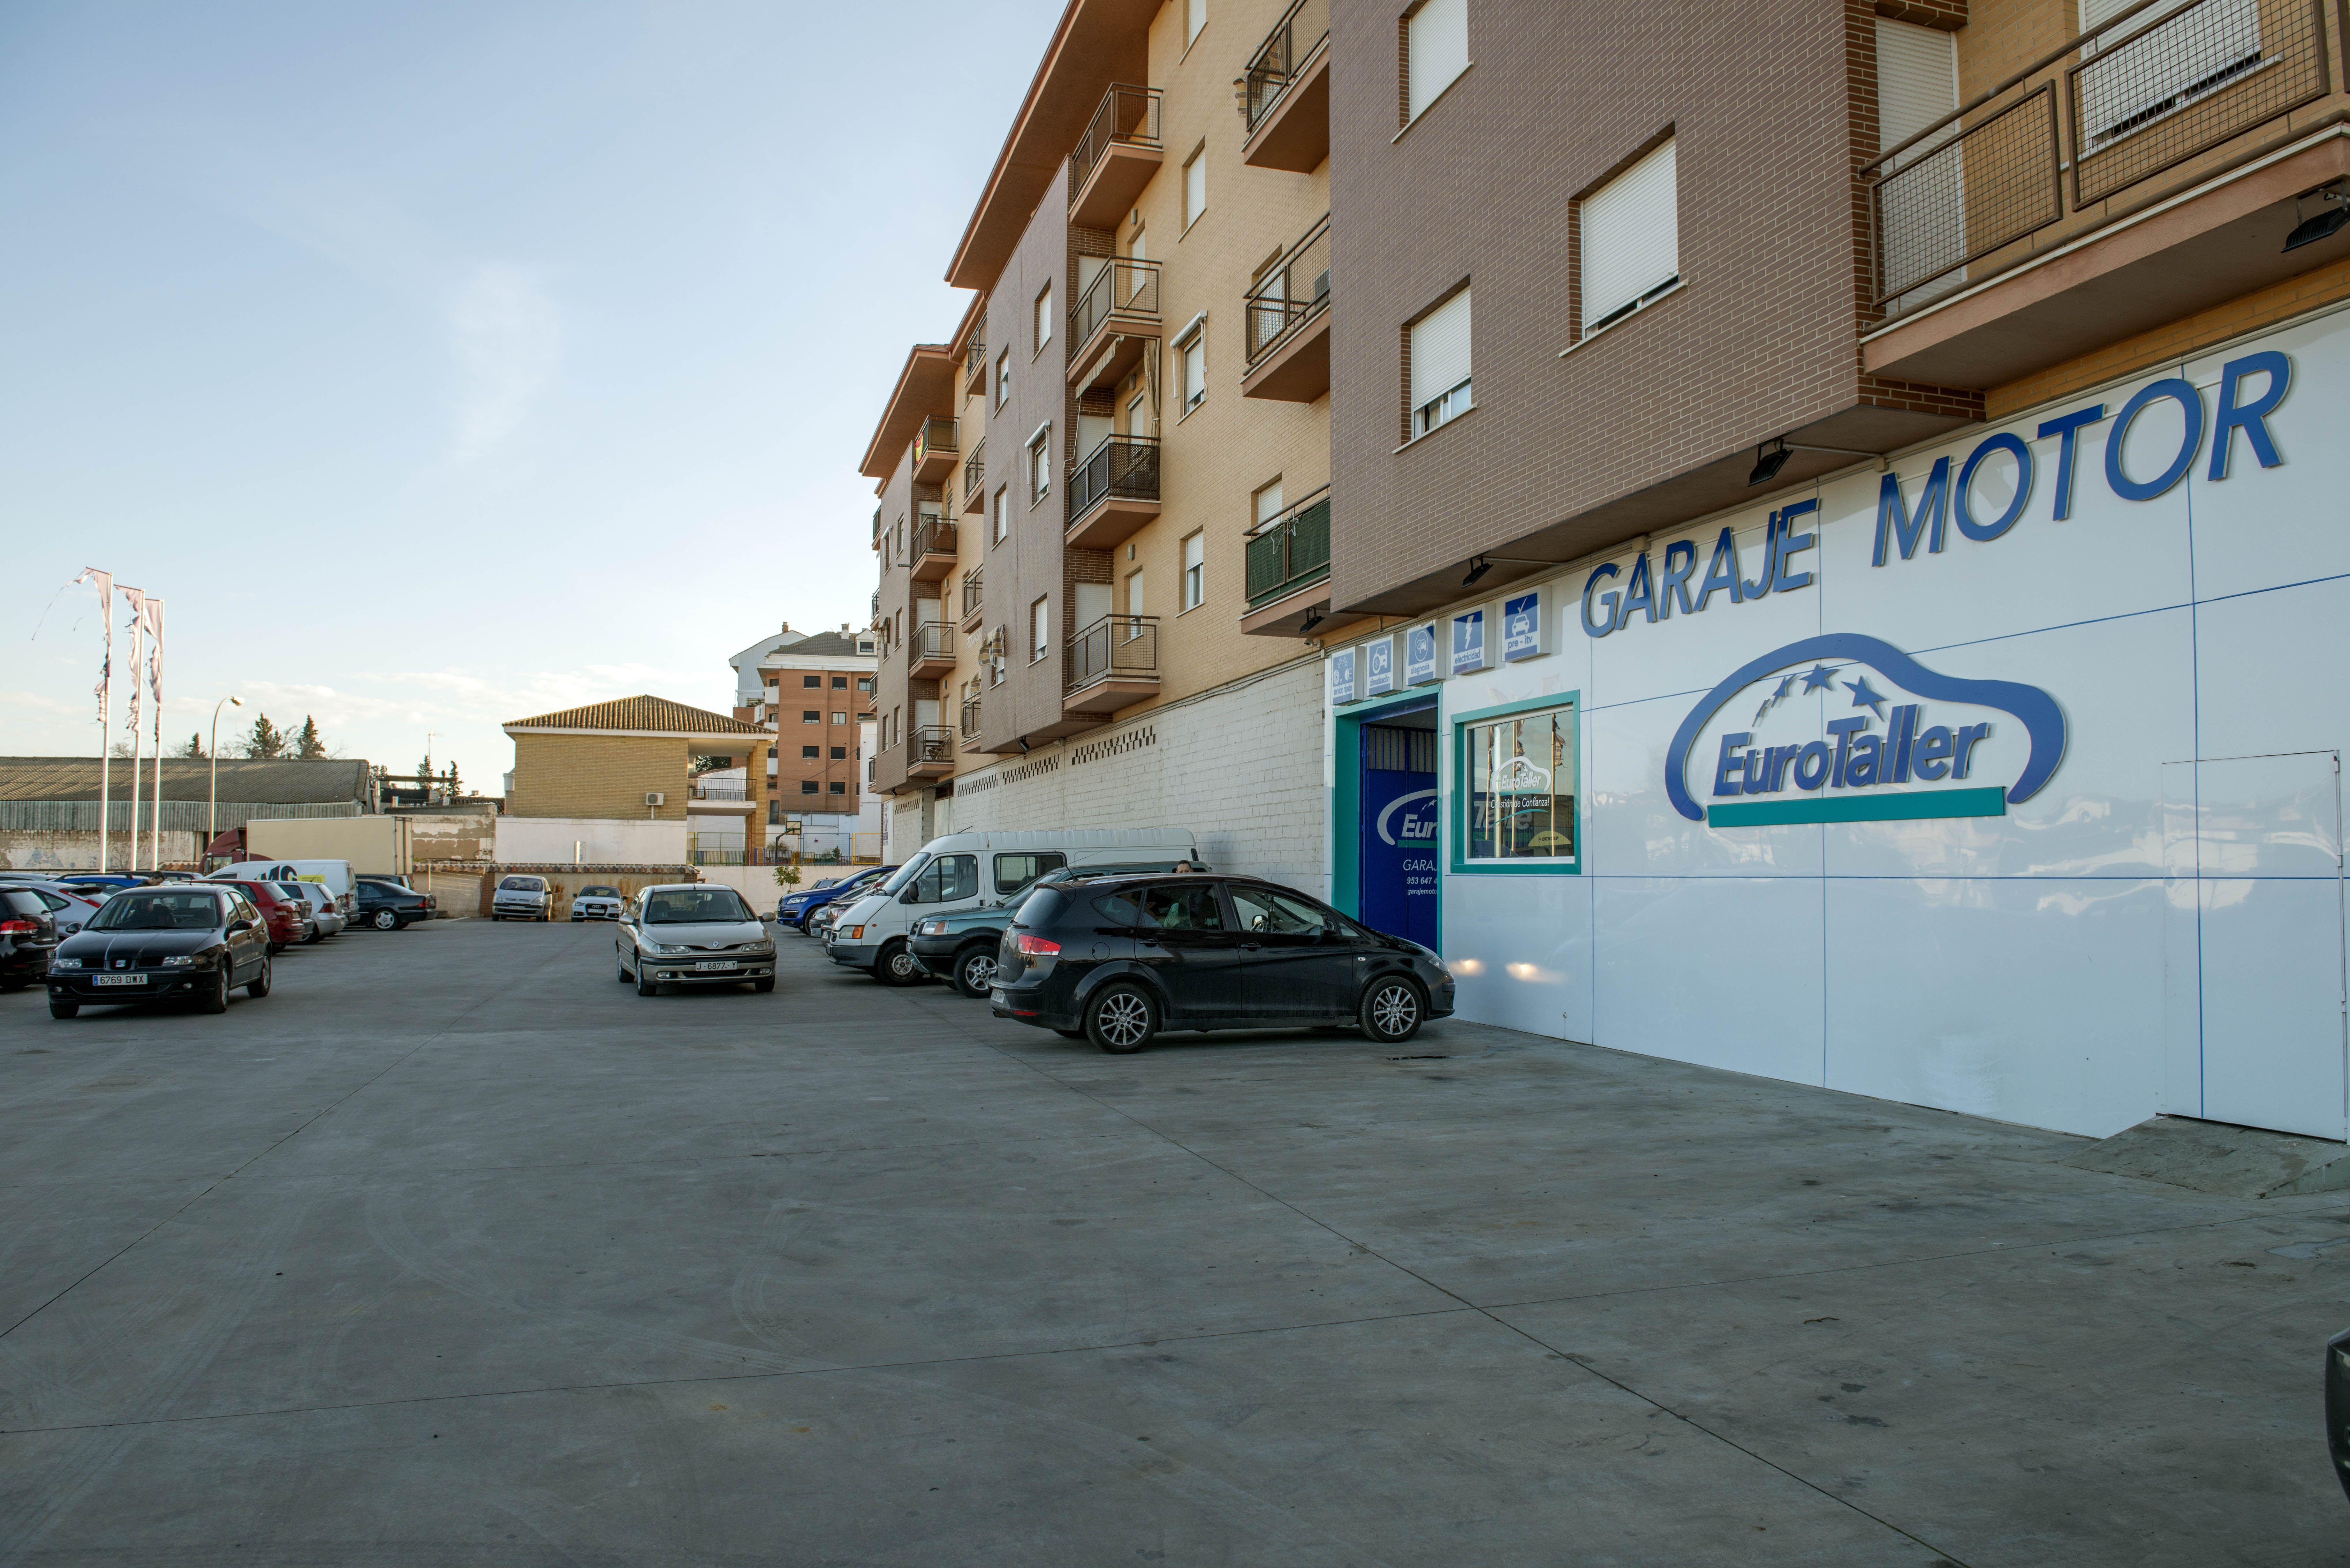 Foto 7 de Taller mecánico en Linares | Garaje Motor Linares